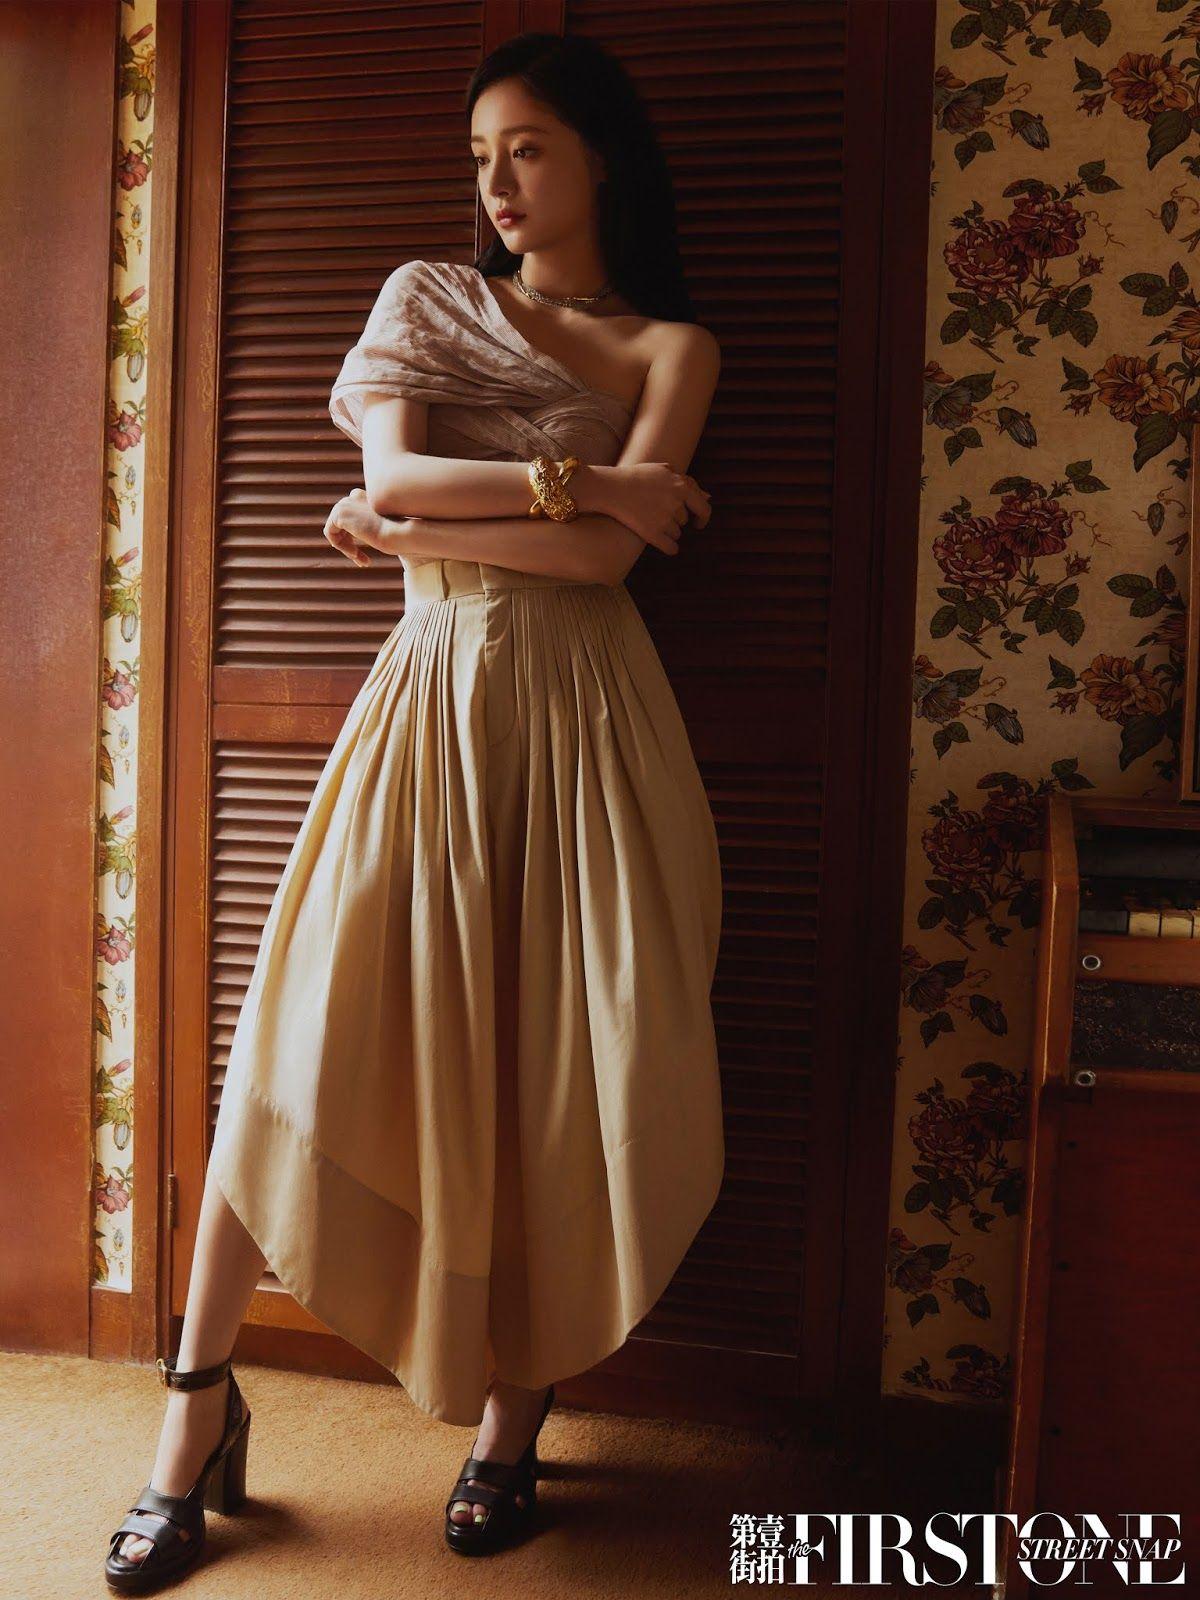 Yang Yang poses for photo shoot   China Entertainment News